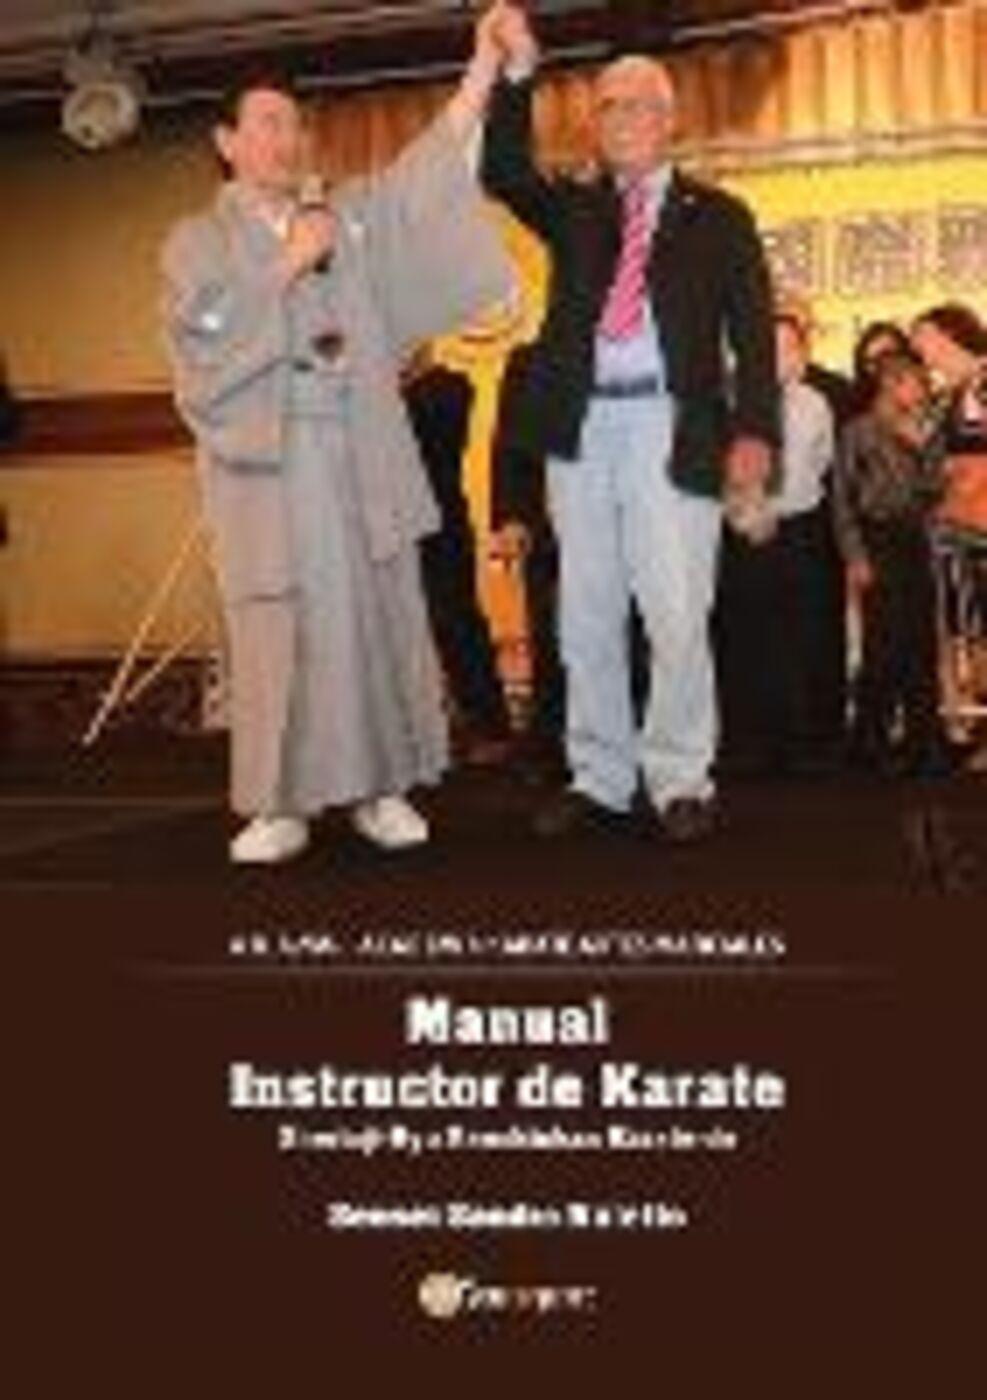 Karate Shorinji-ryu Renshinkan. Ediz. spagnola